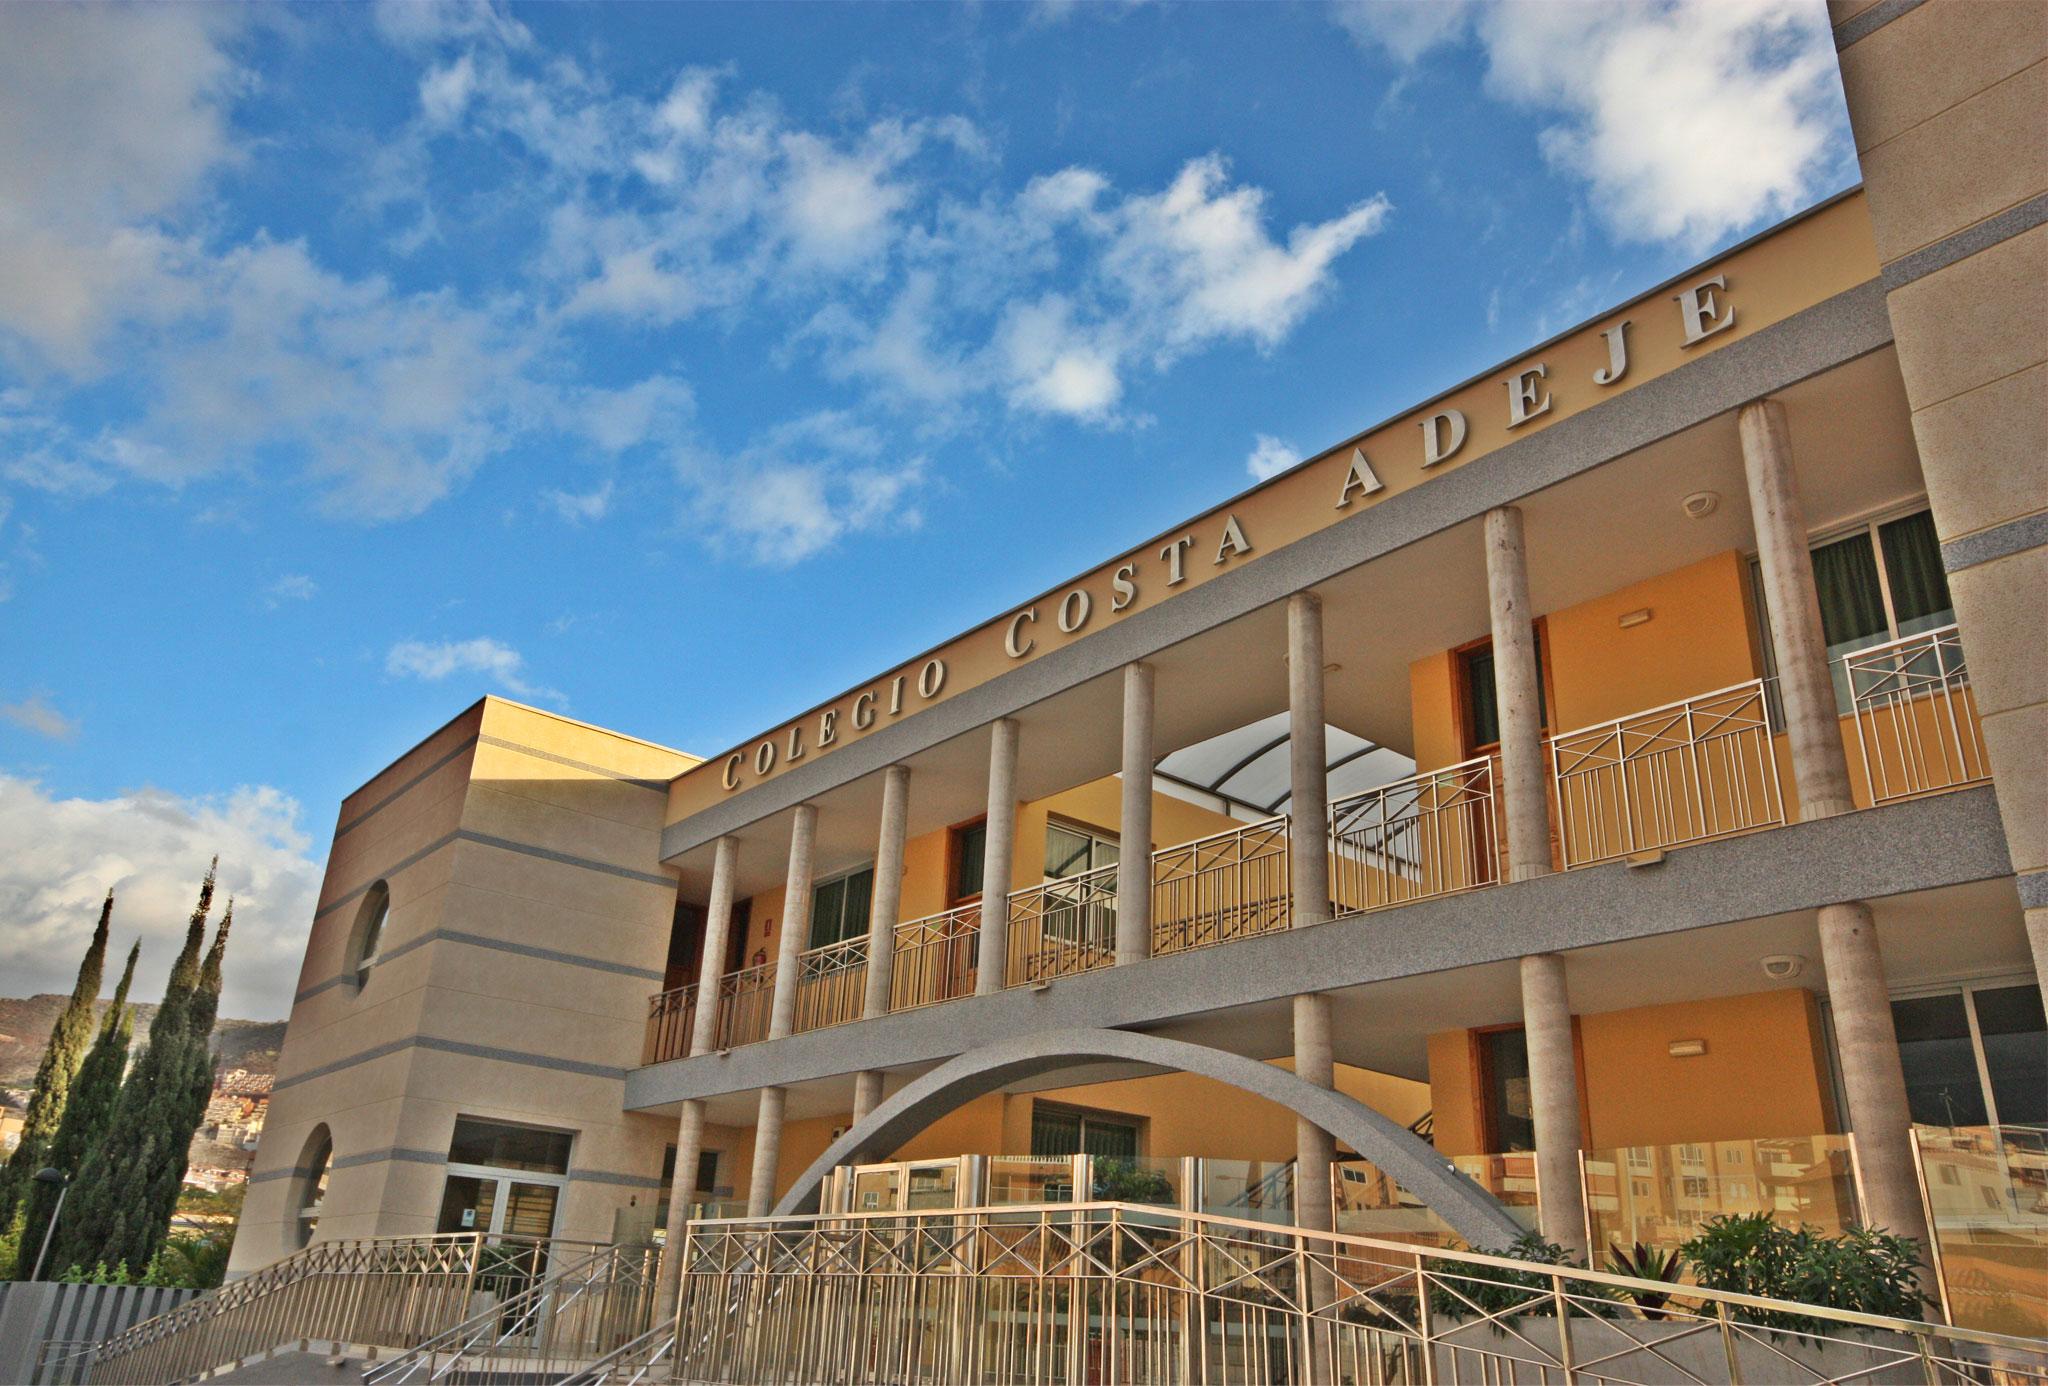 Colegio costa adeje rotary club - Colegio aparejadores tenerife ...